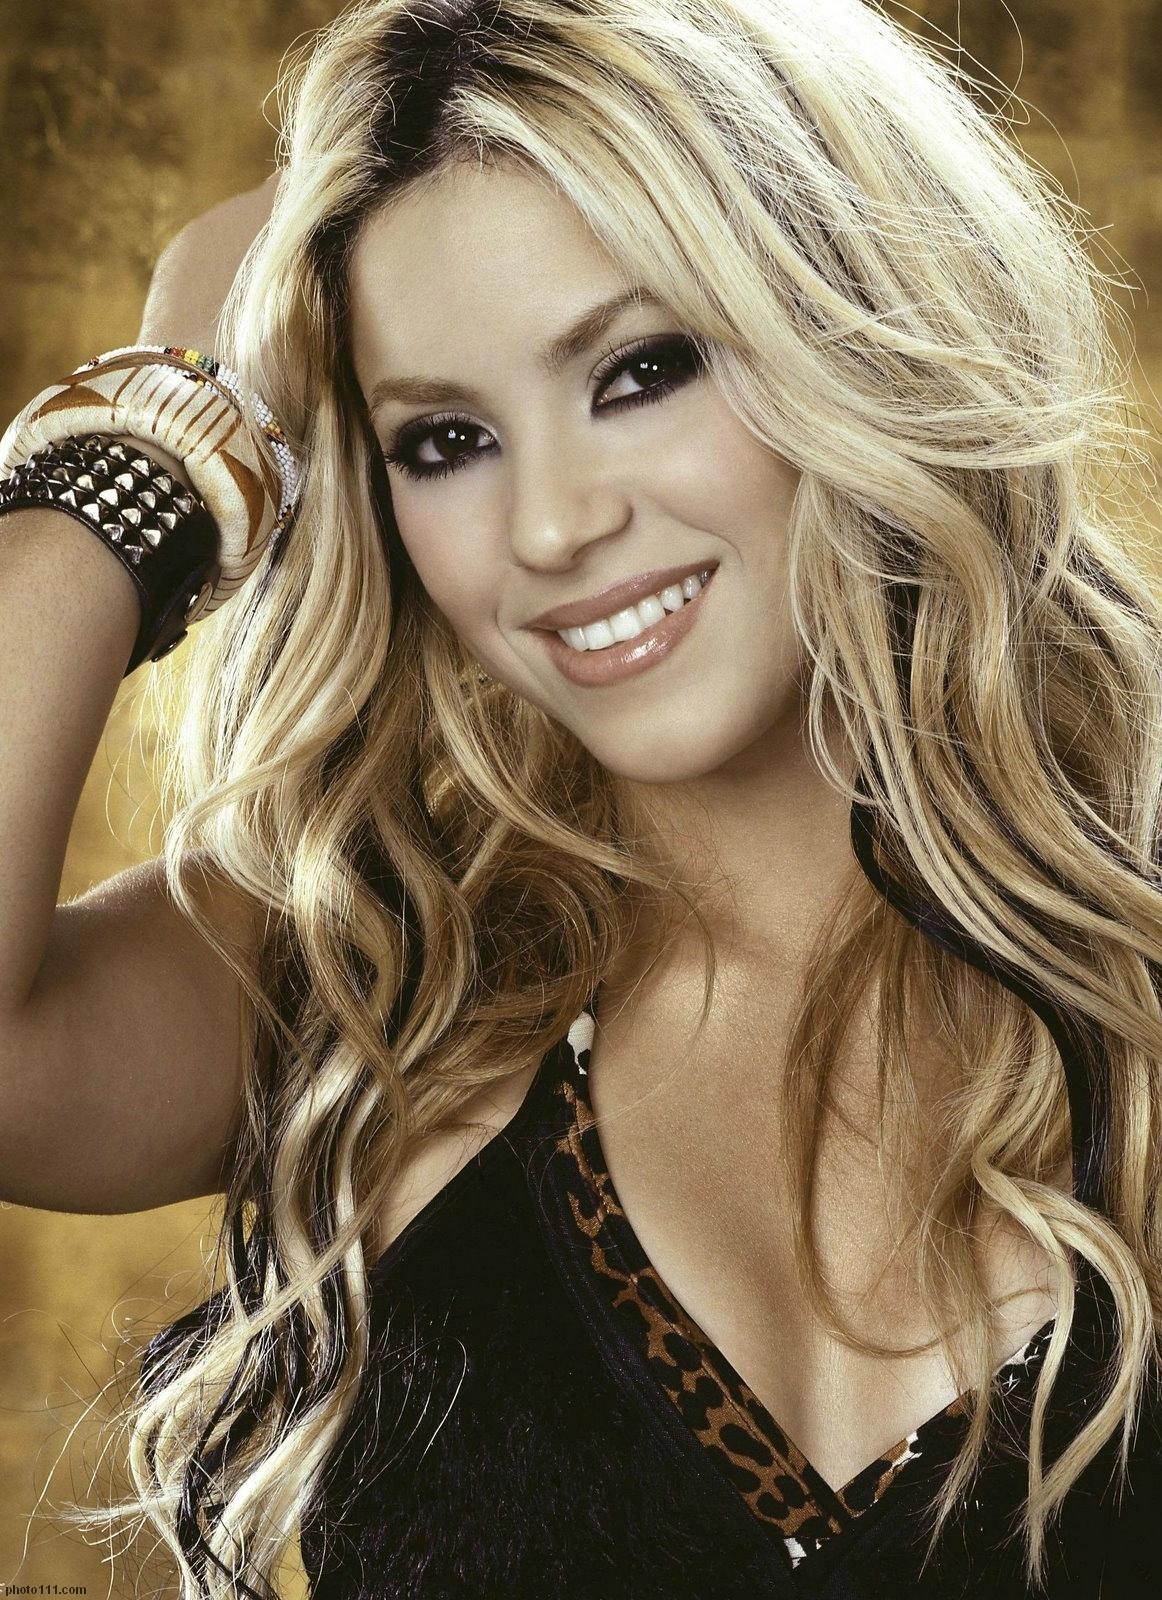 Shakira - Shakira Photo (16502767) - Fanpop